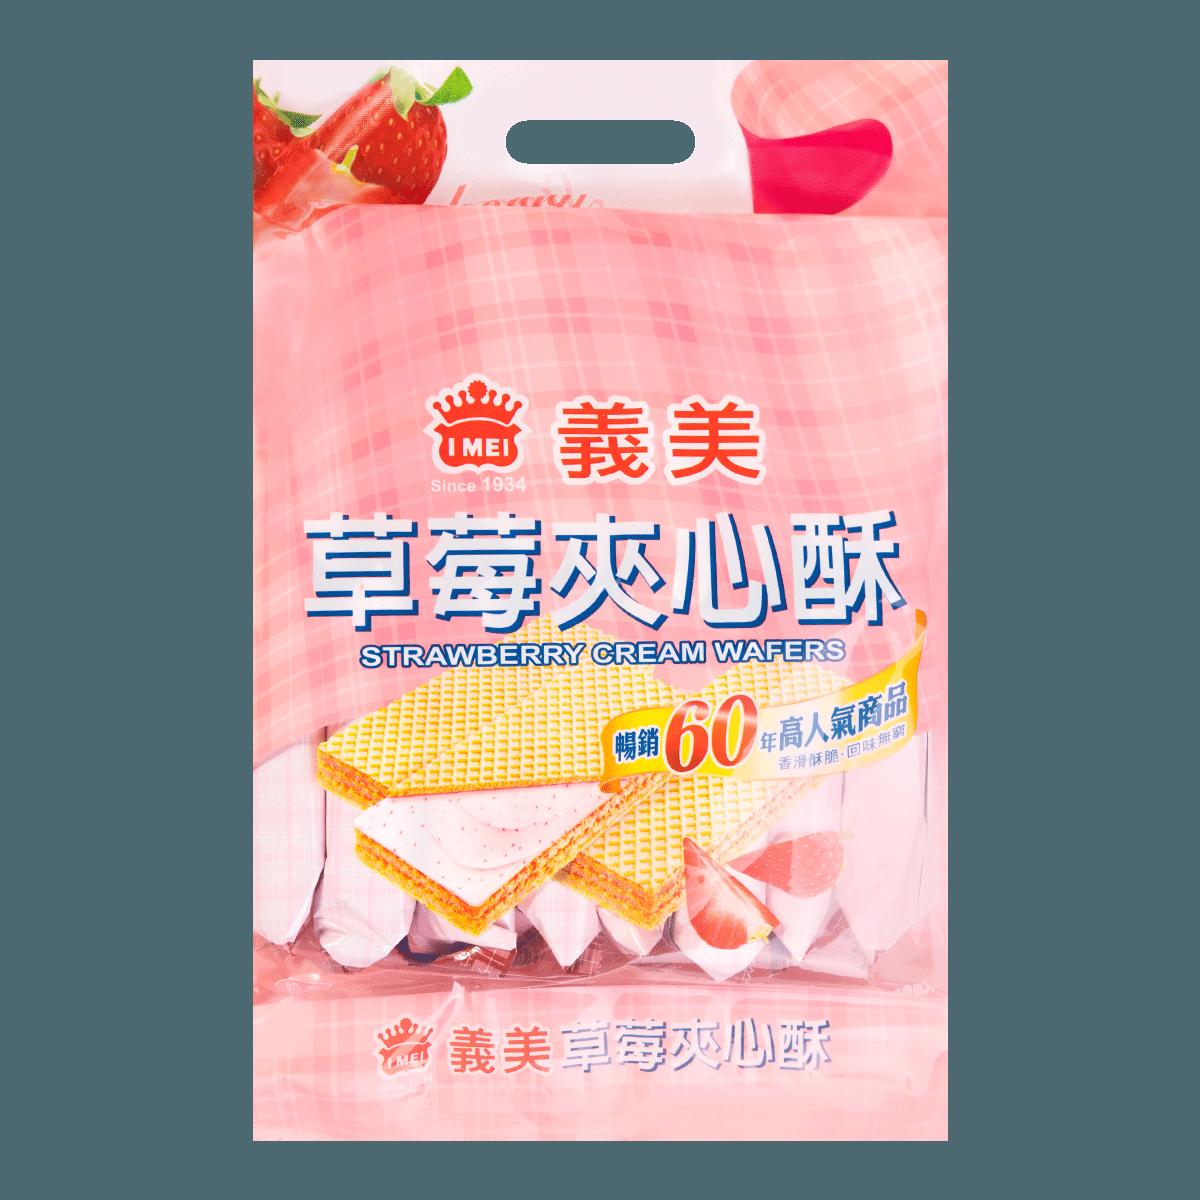 台湾IMEI义美 草莓夹心酥 袋装 400g